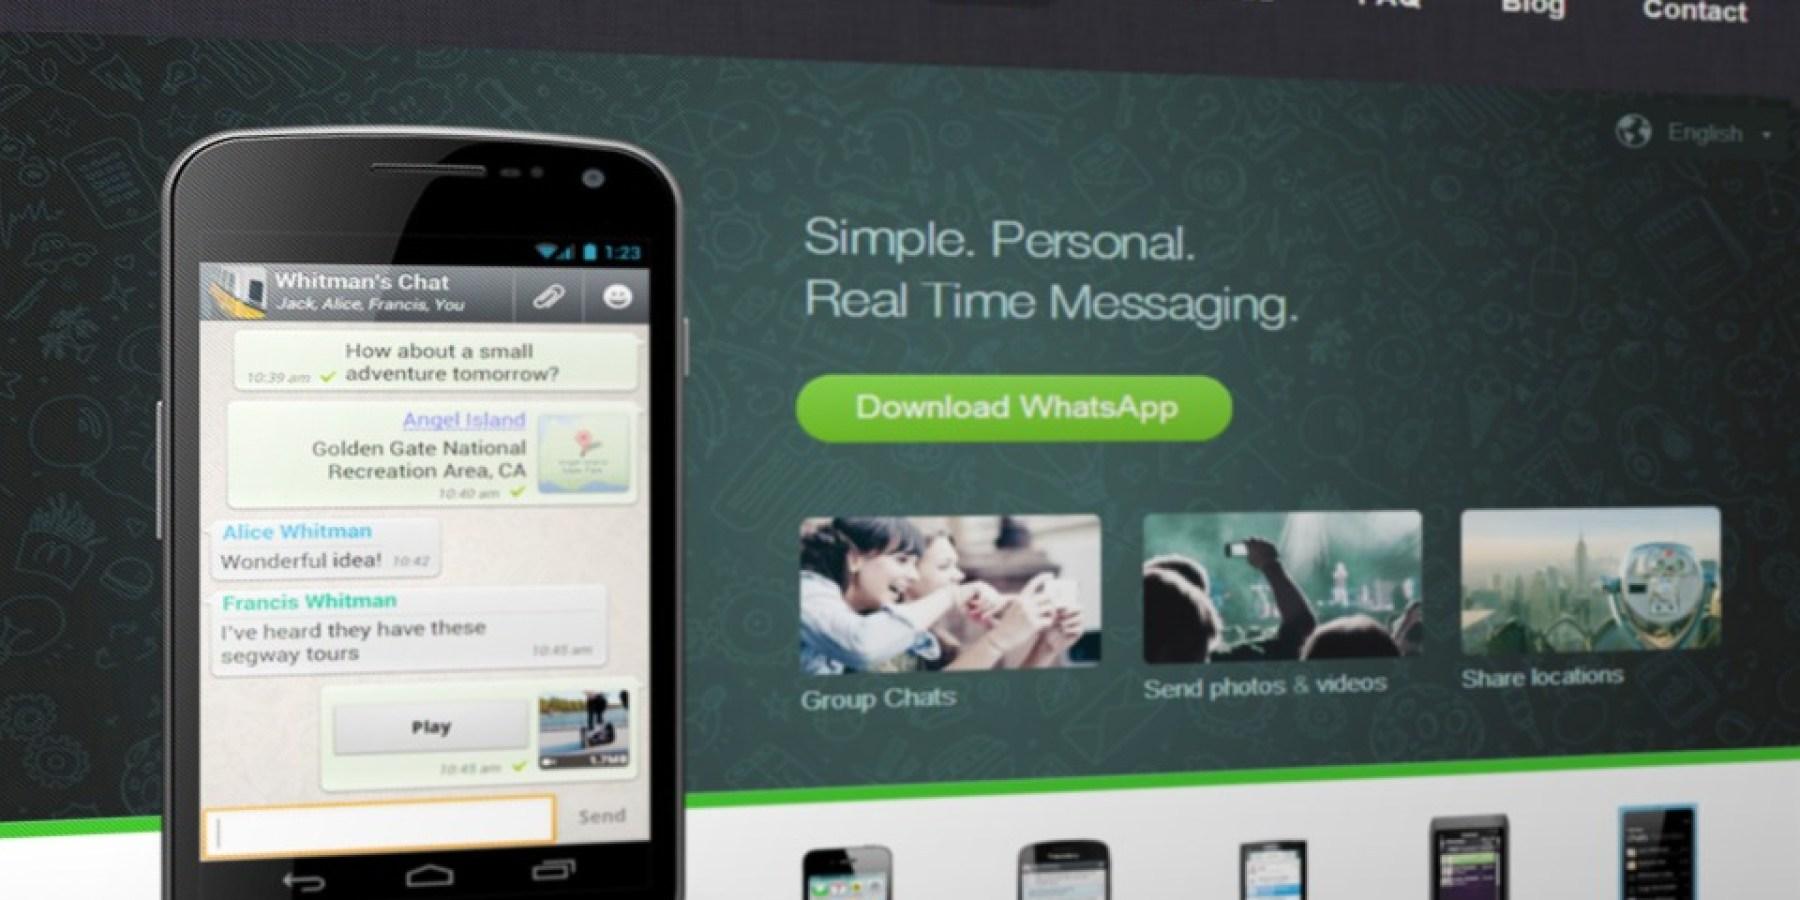 WhatsApp-Hammer: Mit dieser Spionage-App können Sie jeden leicht überwachen